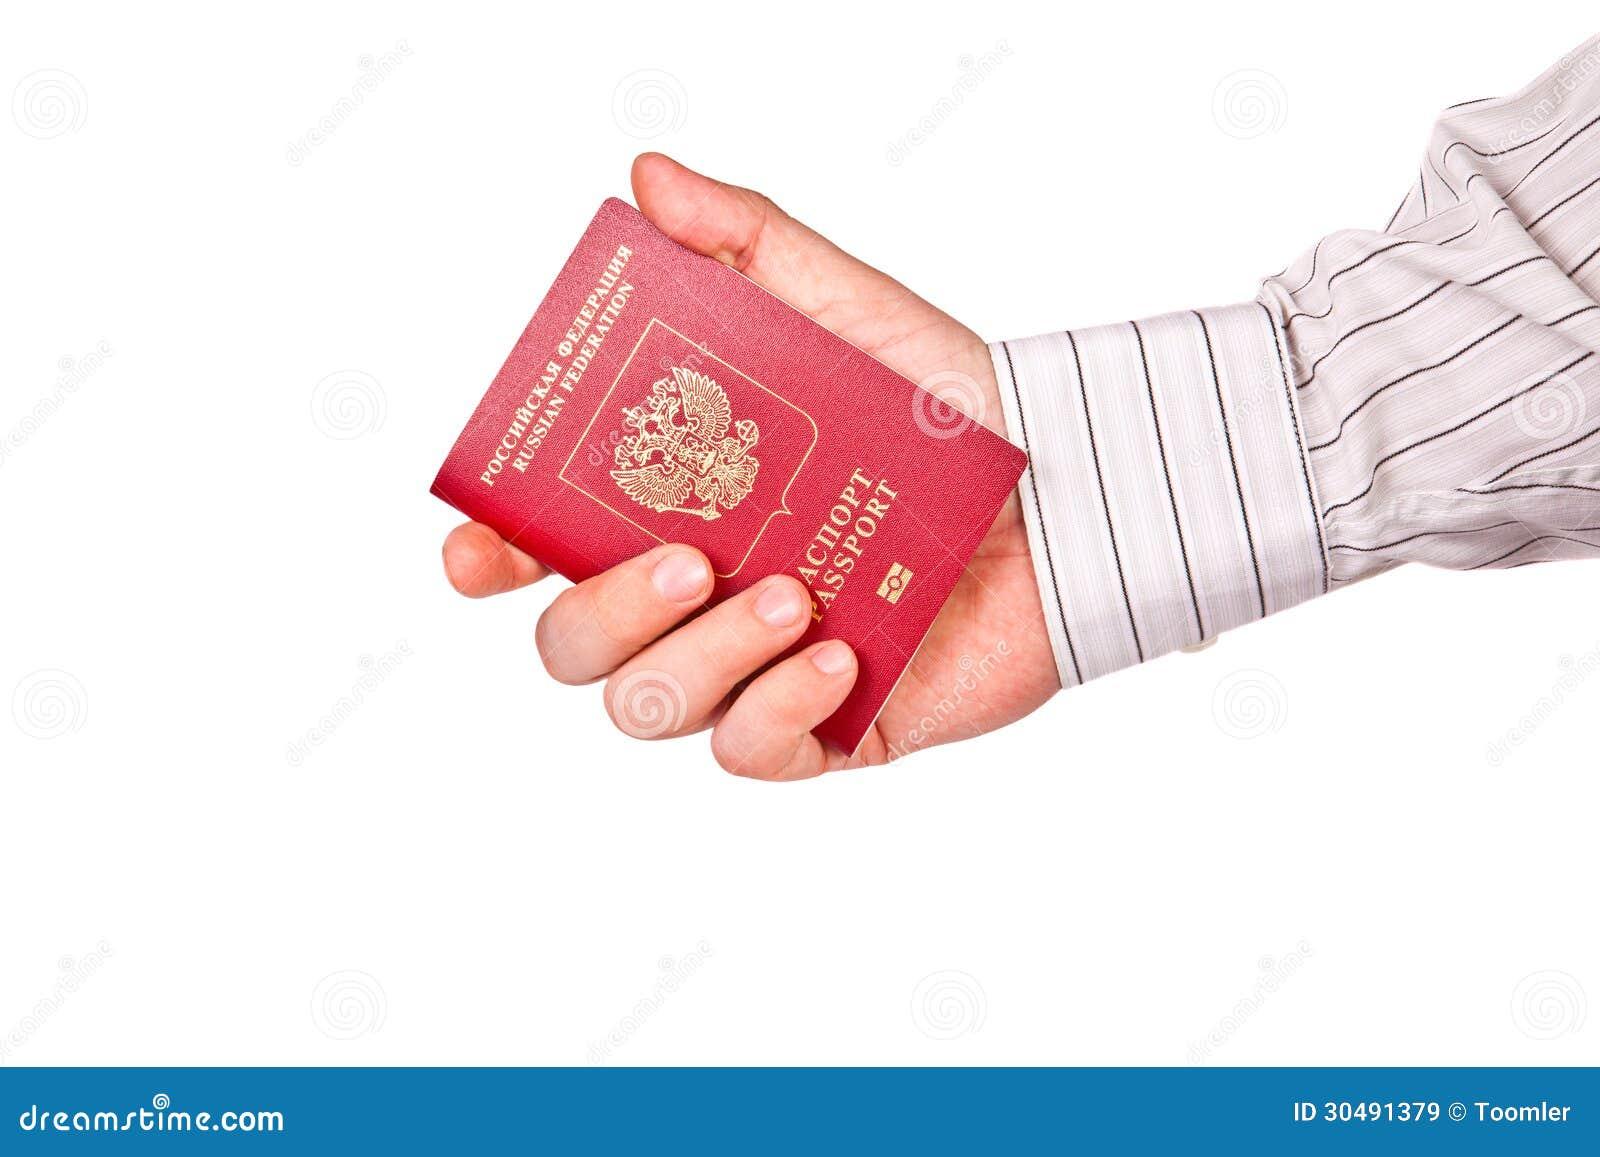 A man holding a passport